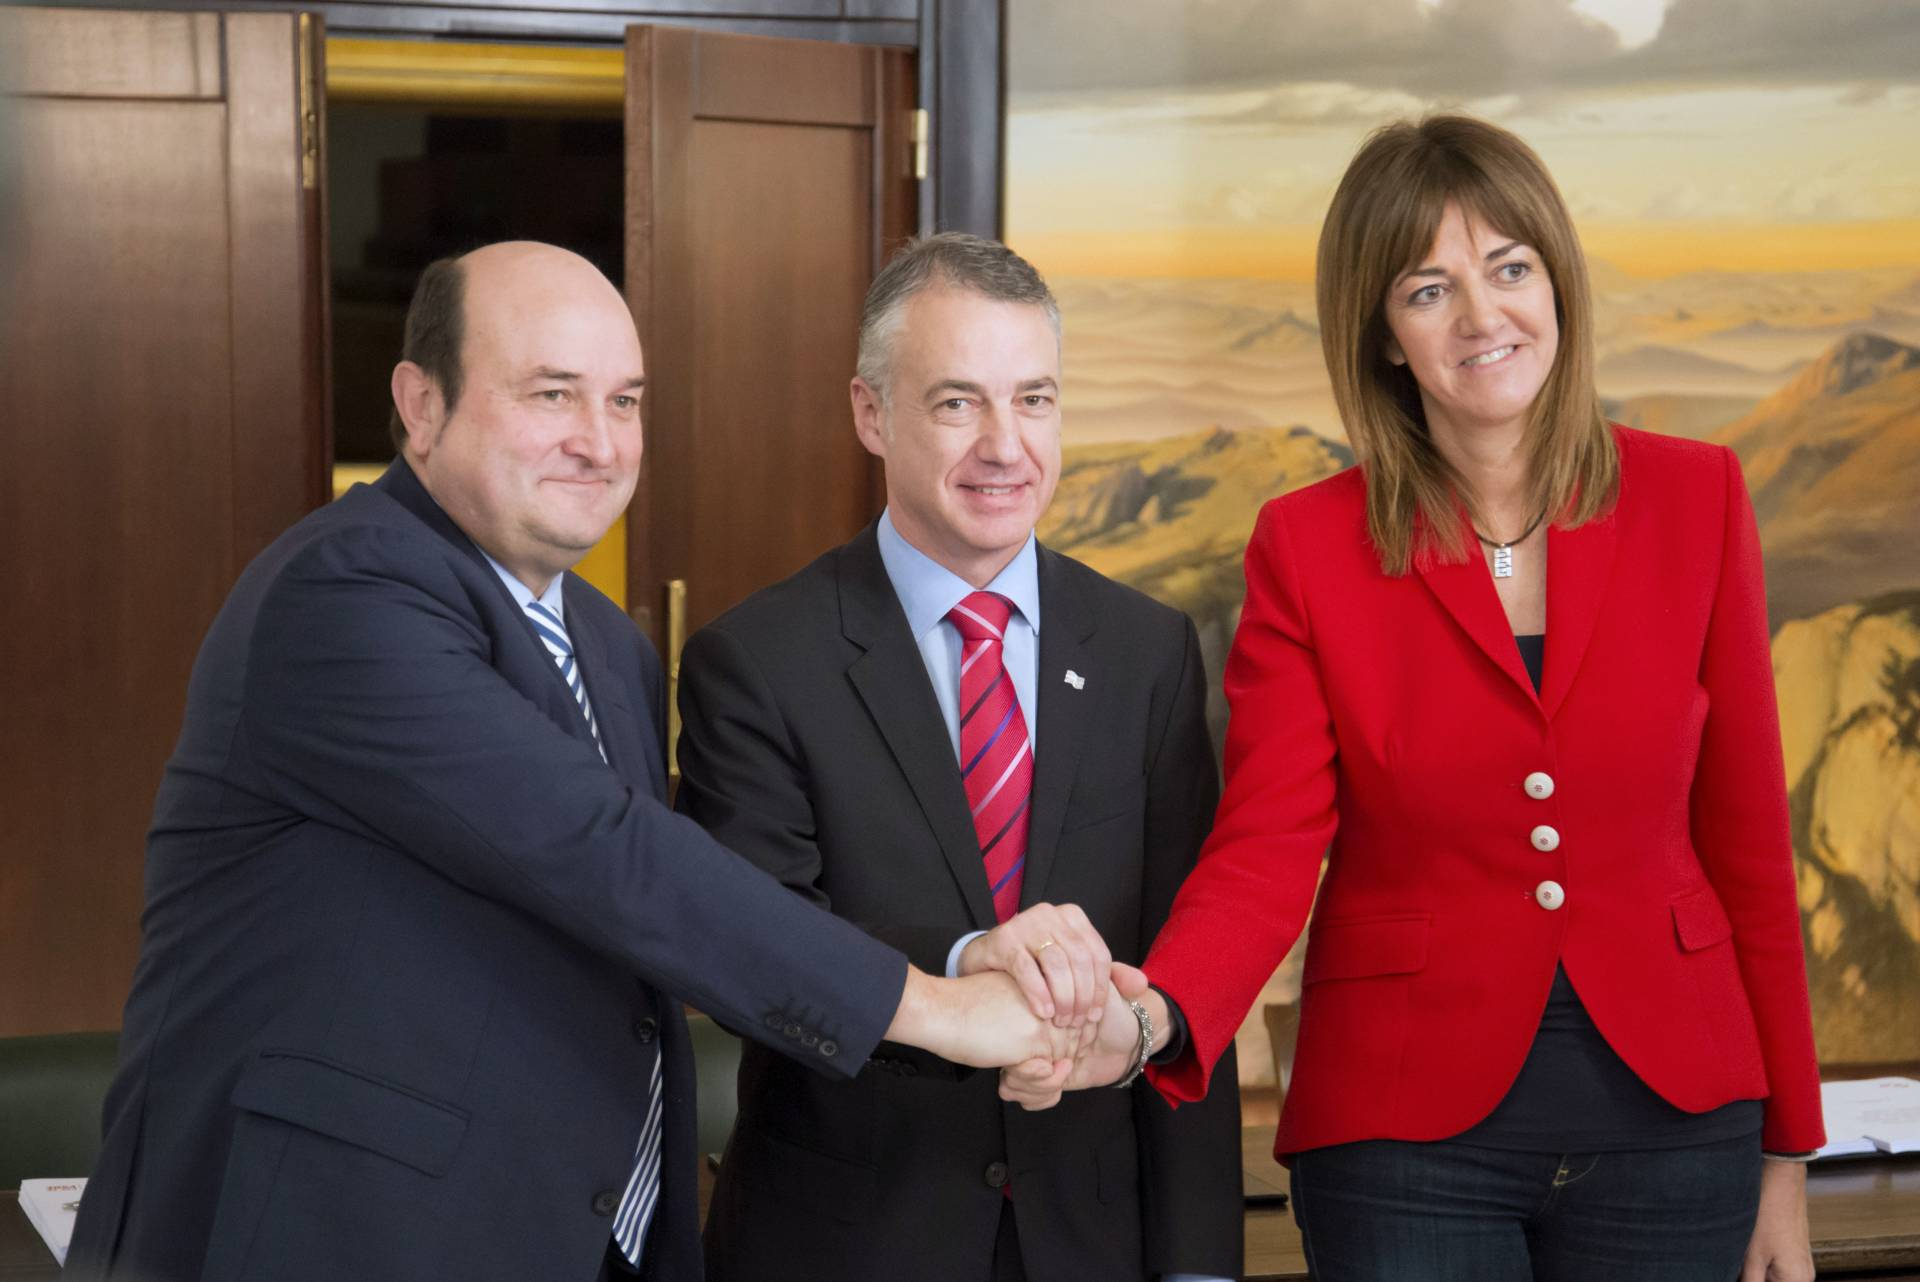 La coalición PNV-PSE logrará una amplia mayoría absoluta el 12-J, según el Gobierno vasco